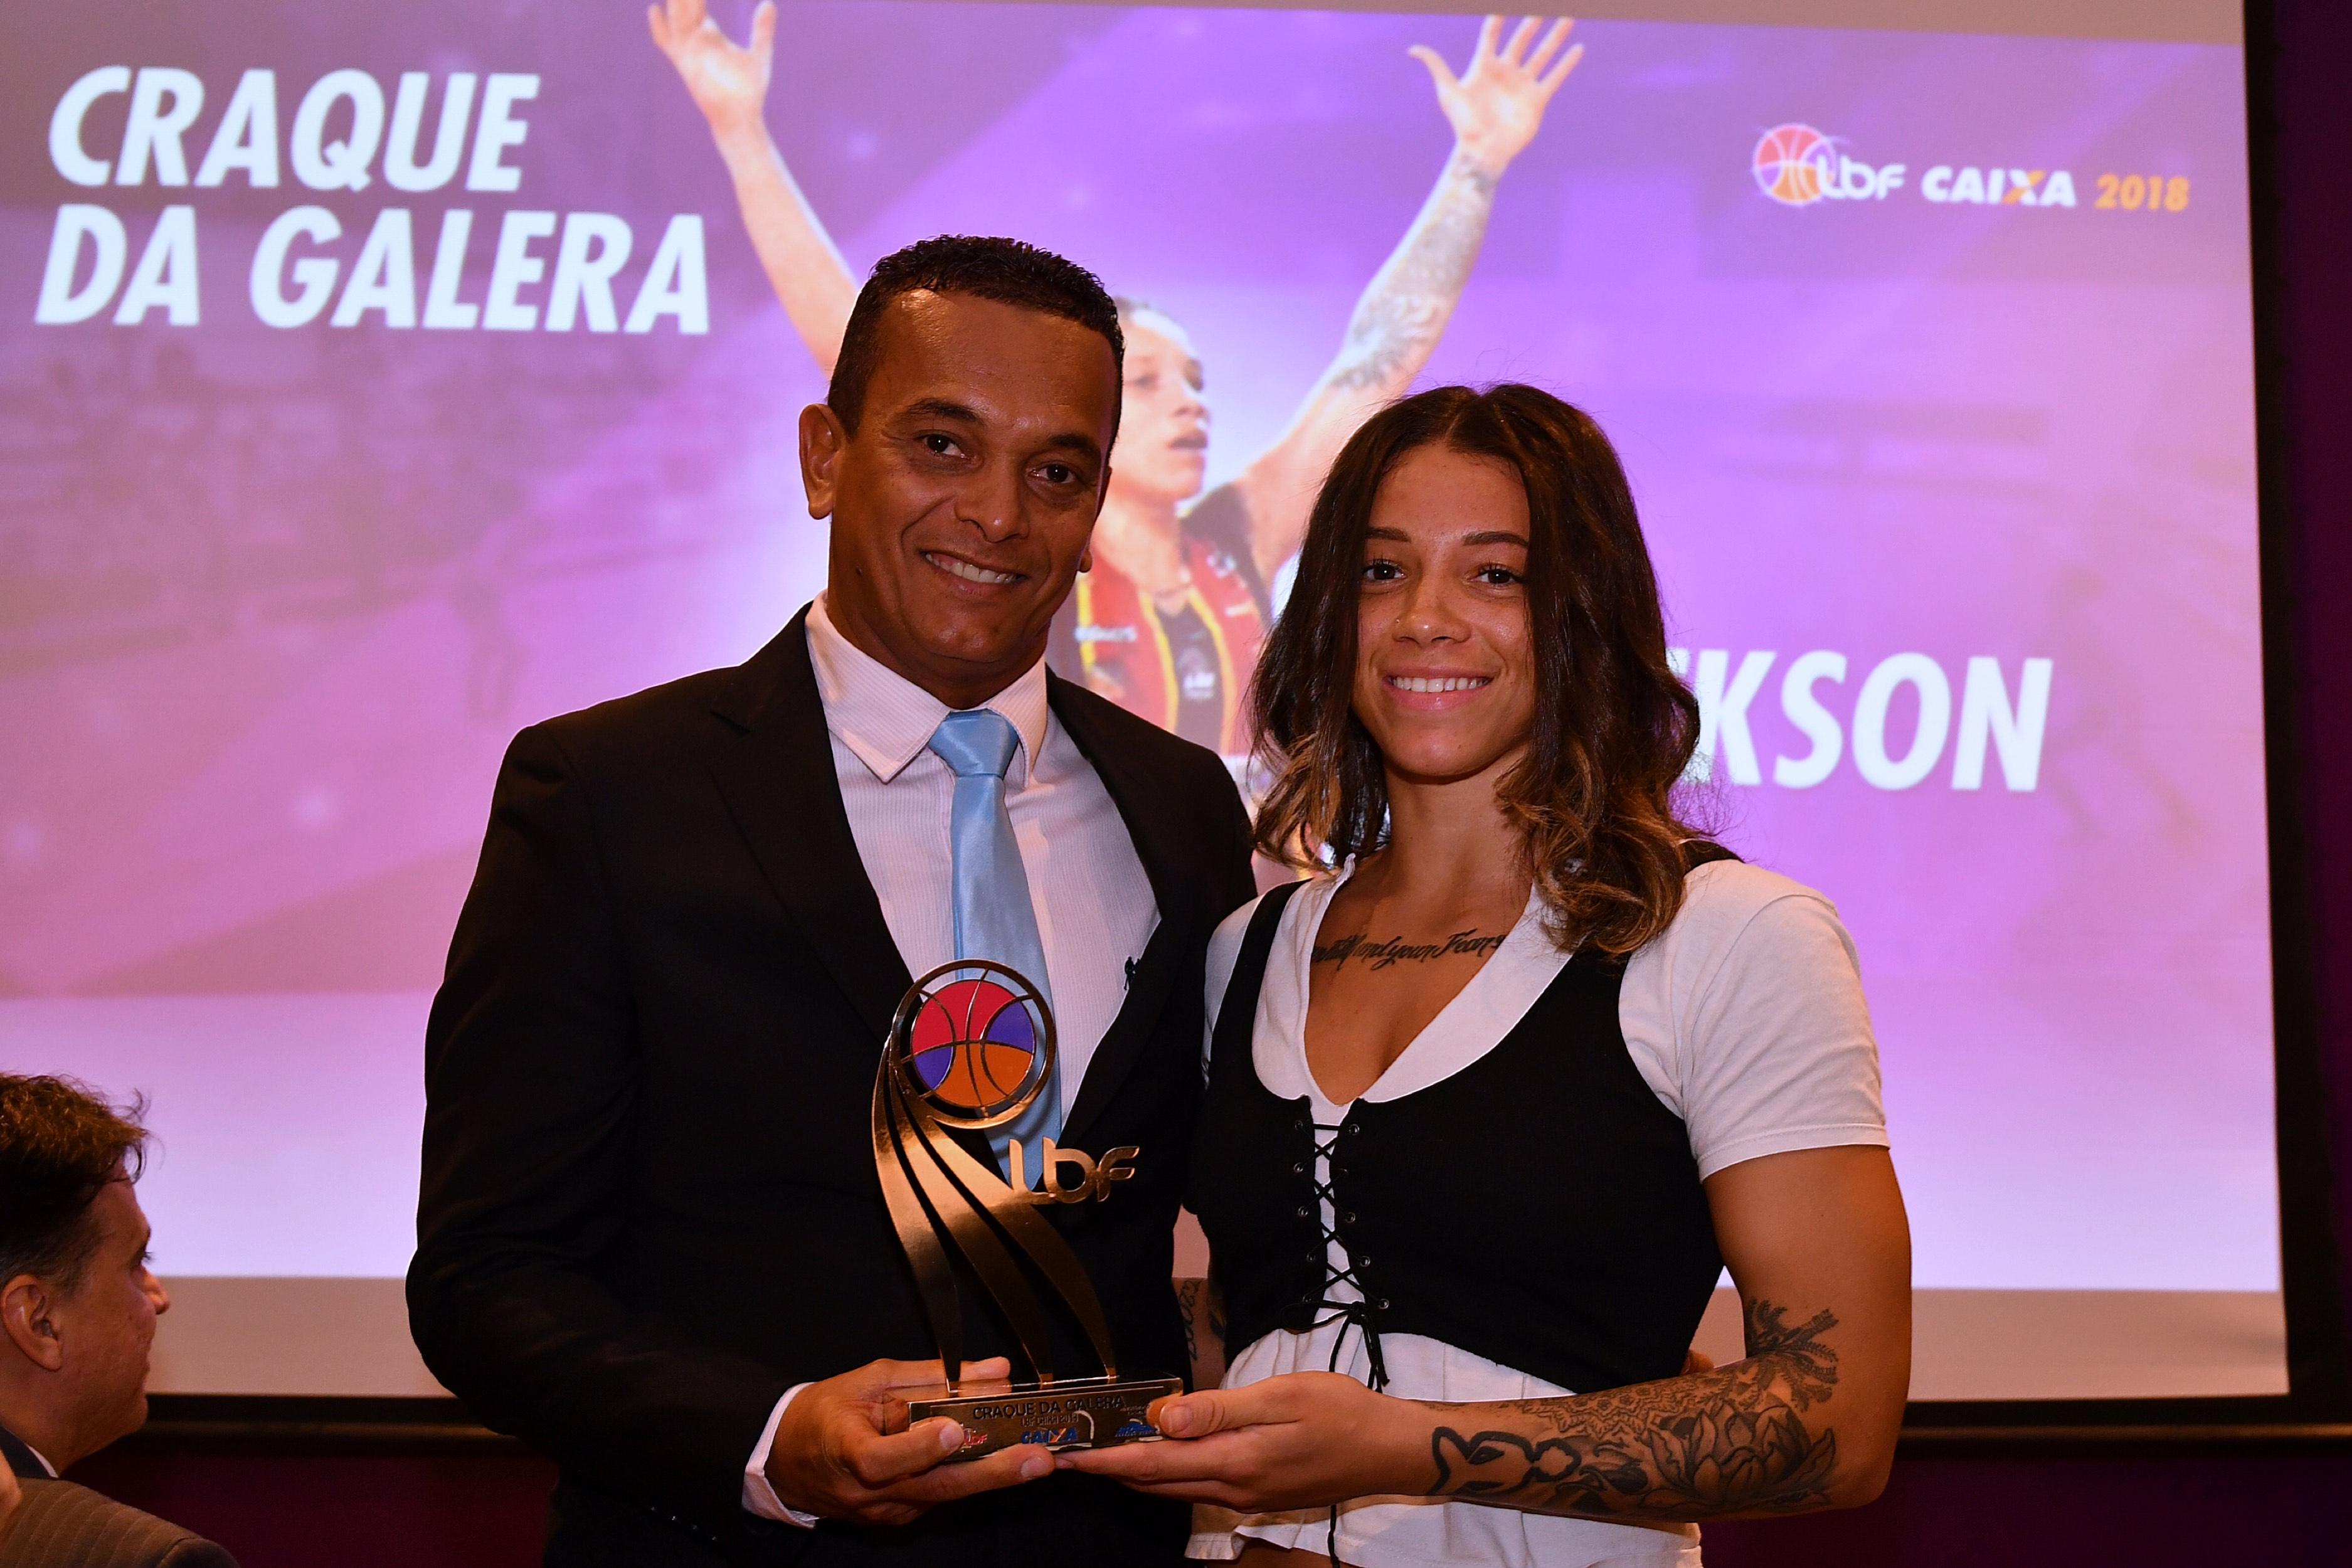 Briahanna Jackson teve mais de 4.600 votos para ser a Craque da Galera / Foto: João Pires/LBF